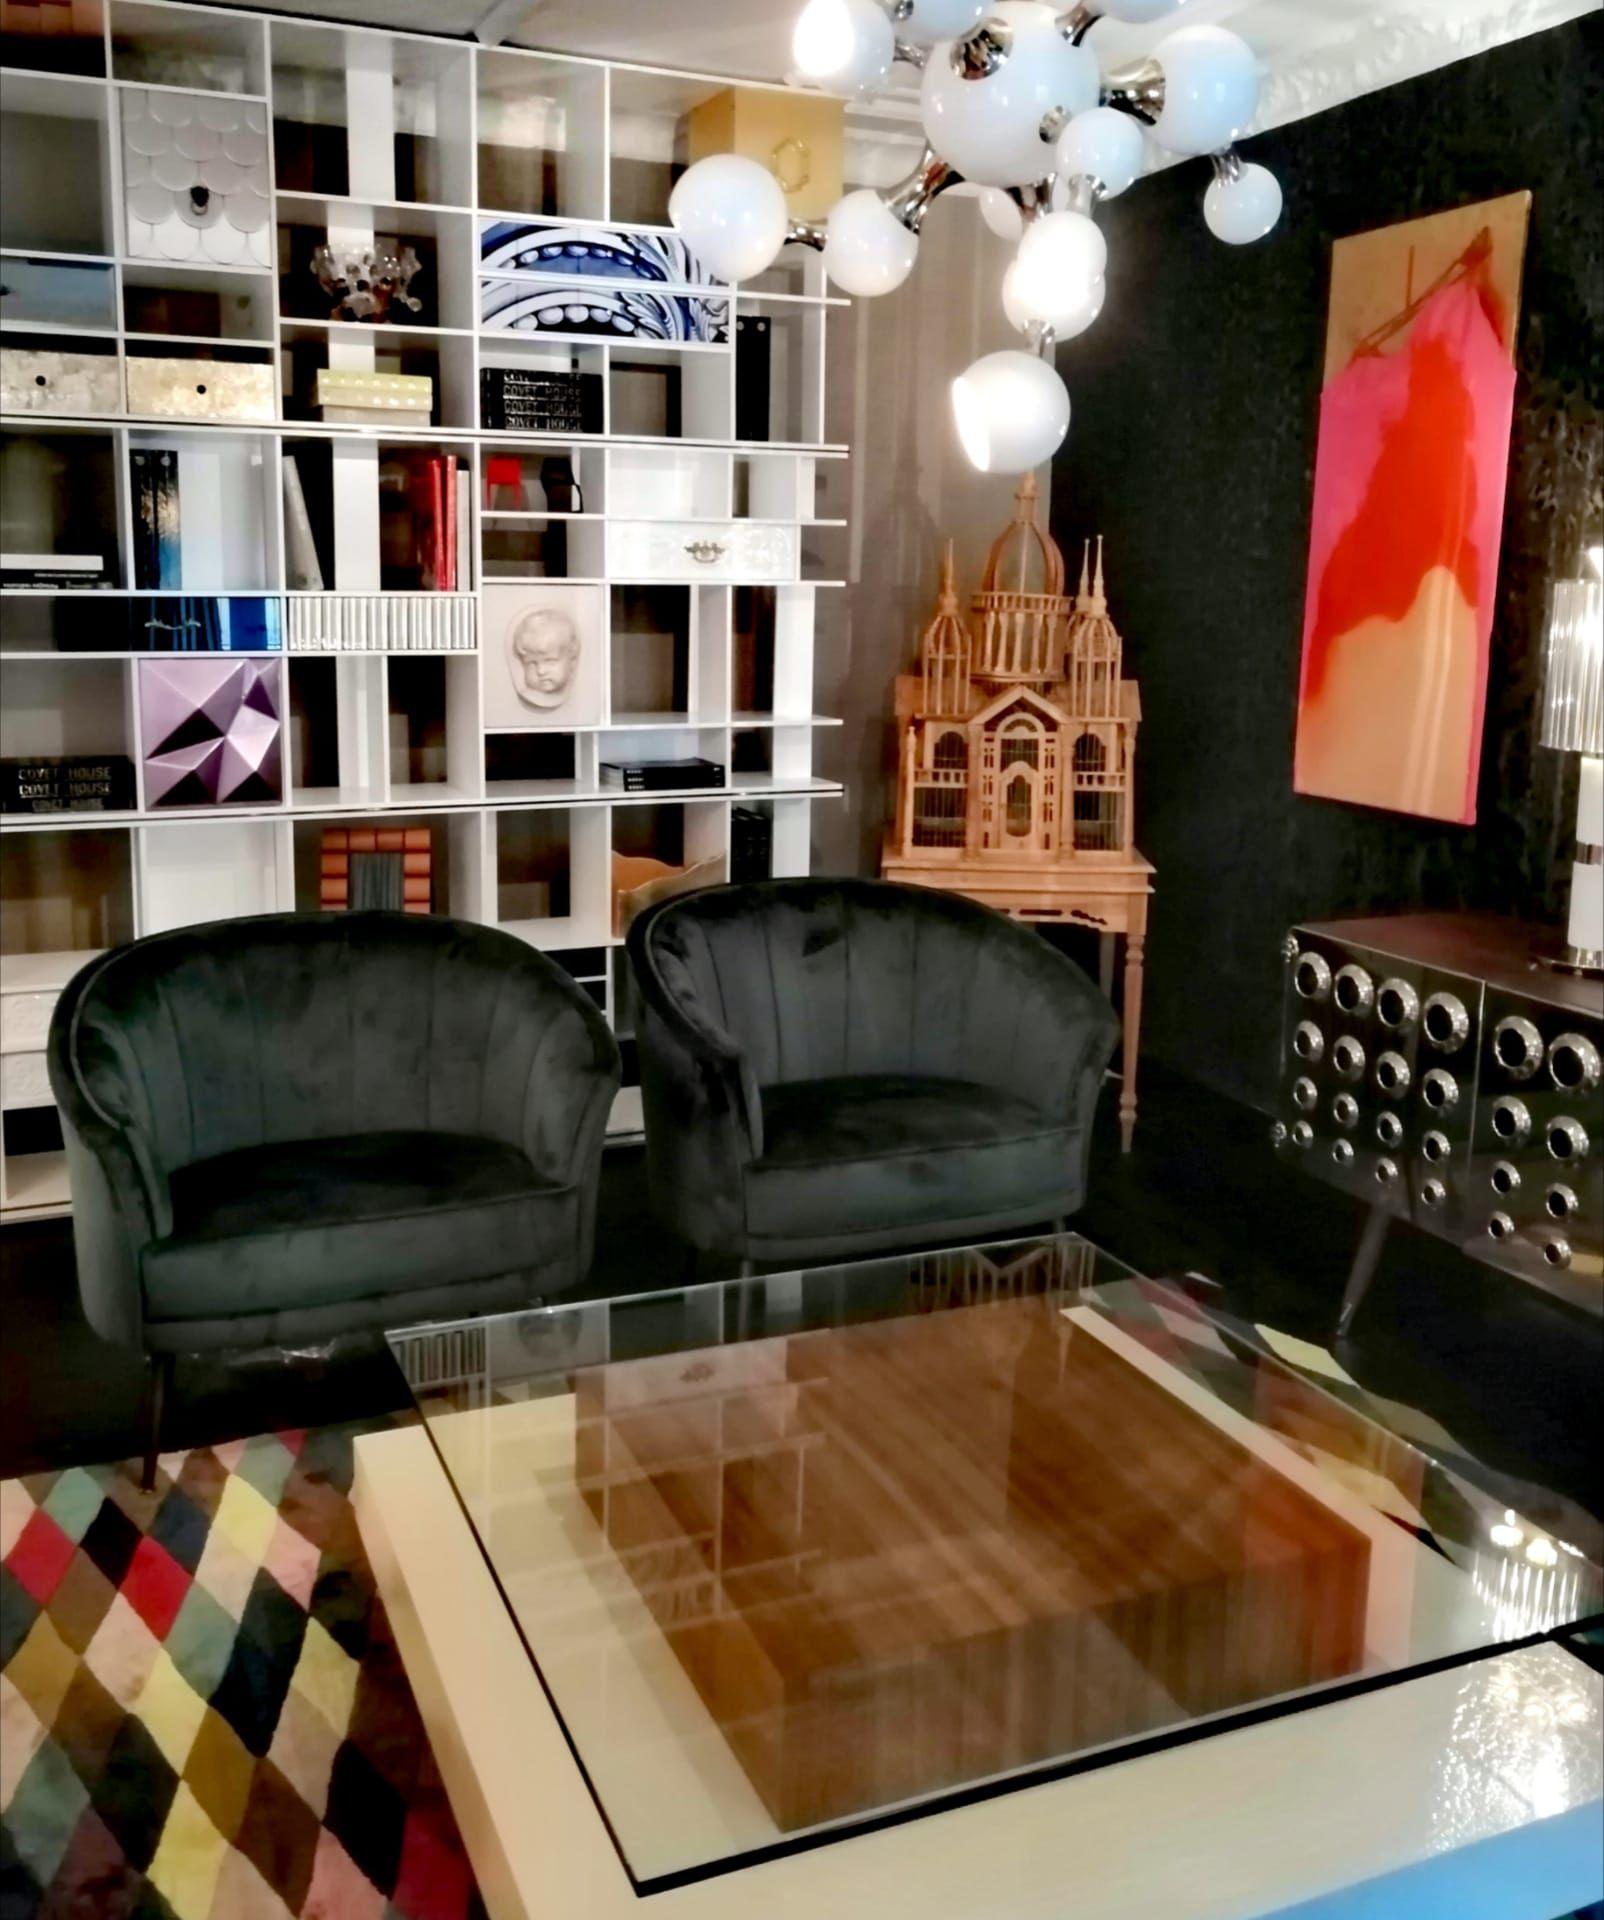 Green Velvet Armchair For Modern Living Room Luxury Furniture Showroom Luxury Living Room Design Furniture Showroom [ 1920 x 1604 Pixel ]